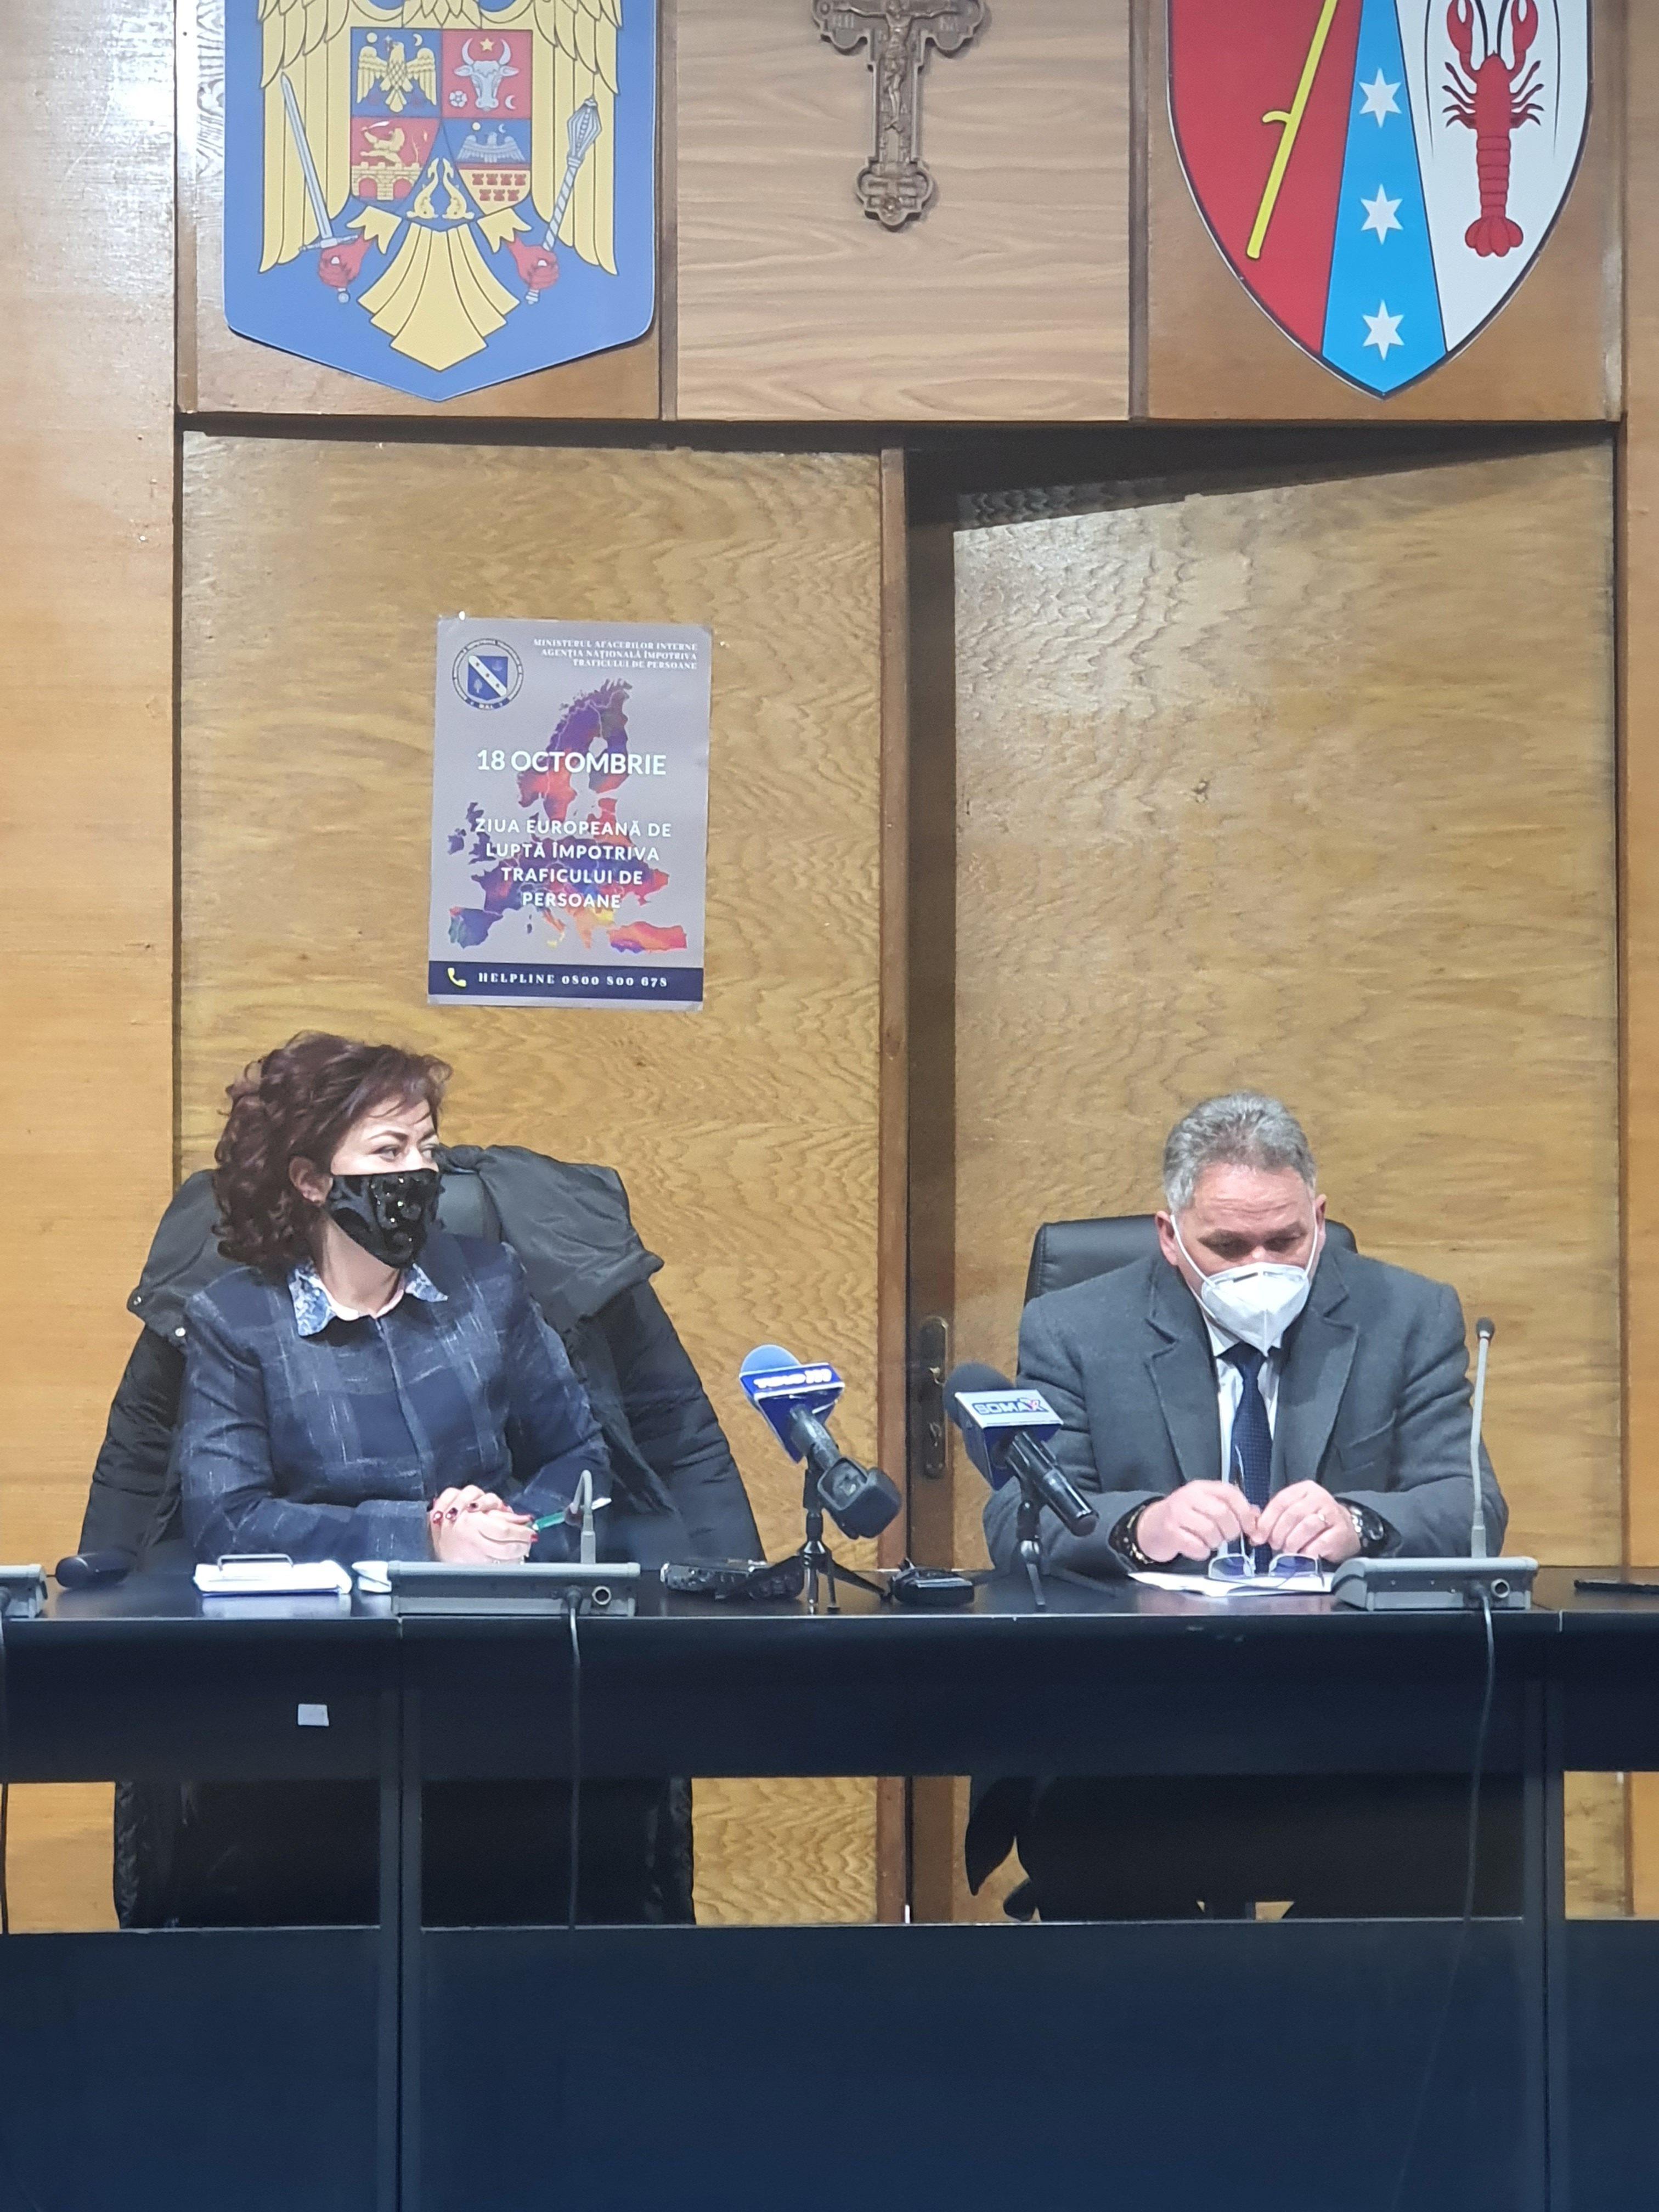 """Dan Nechifor, prefectul judetului Botosani: """"Toate localitățile sunt în scenariul verde, iar asta înseamnă că școlile pot începe cursurile cu elevii în bănci"""""""